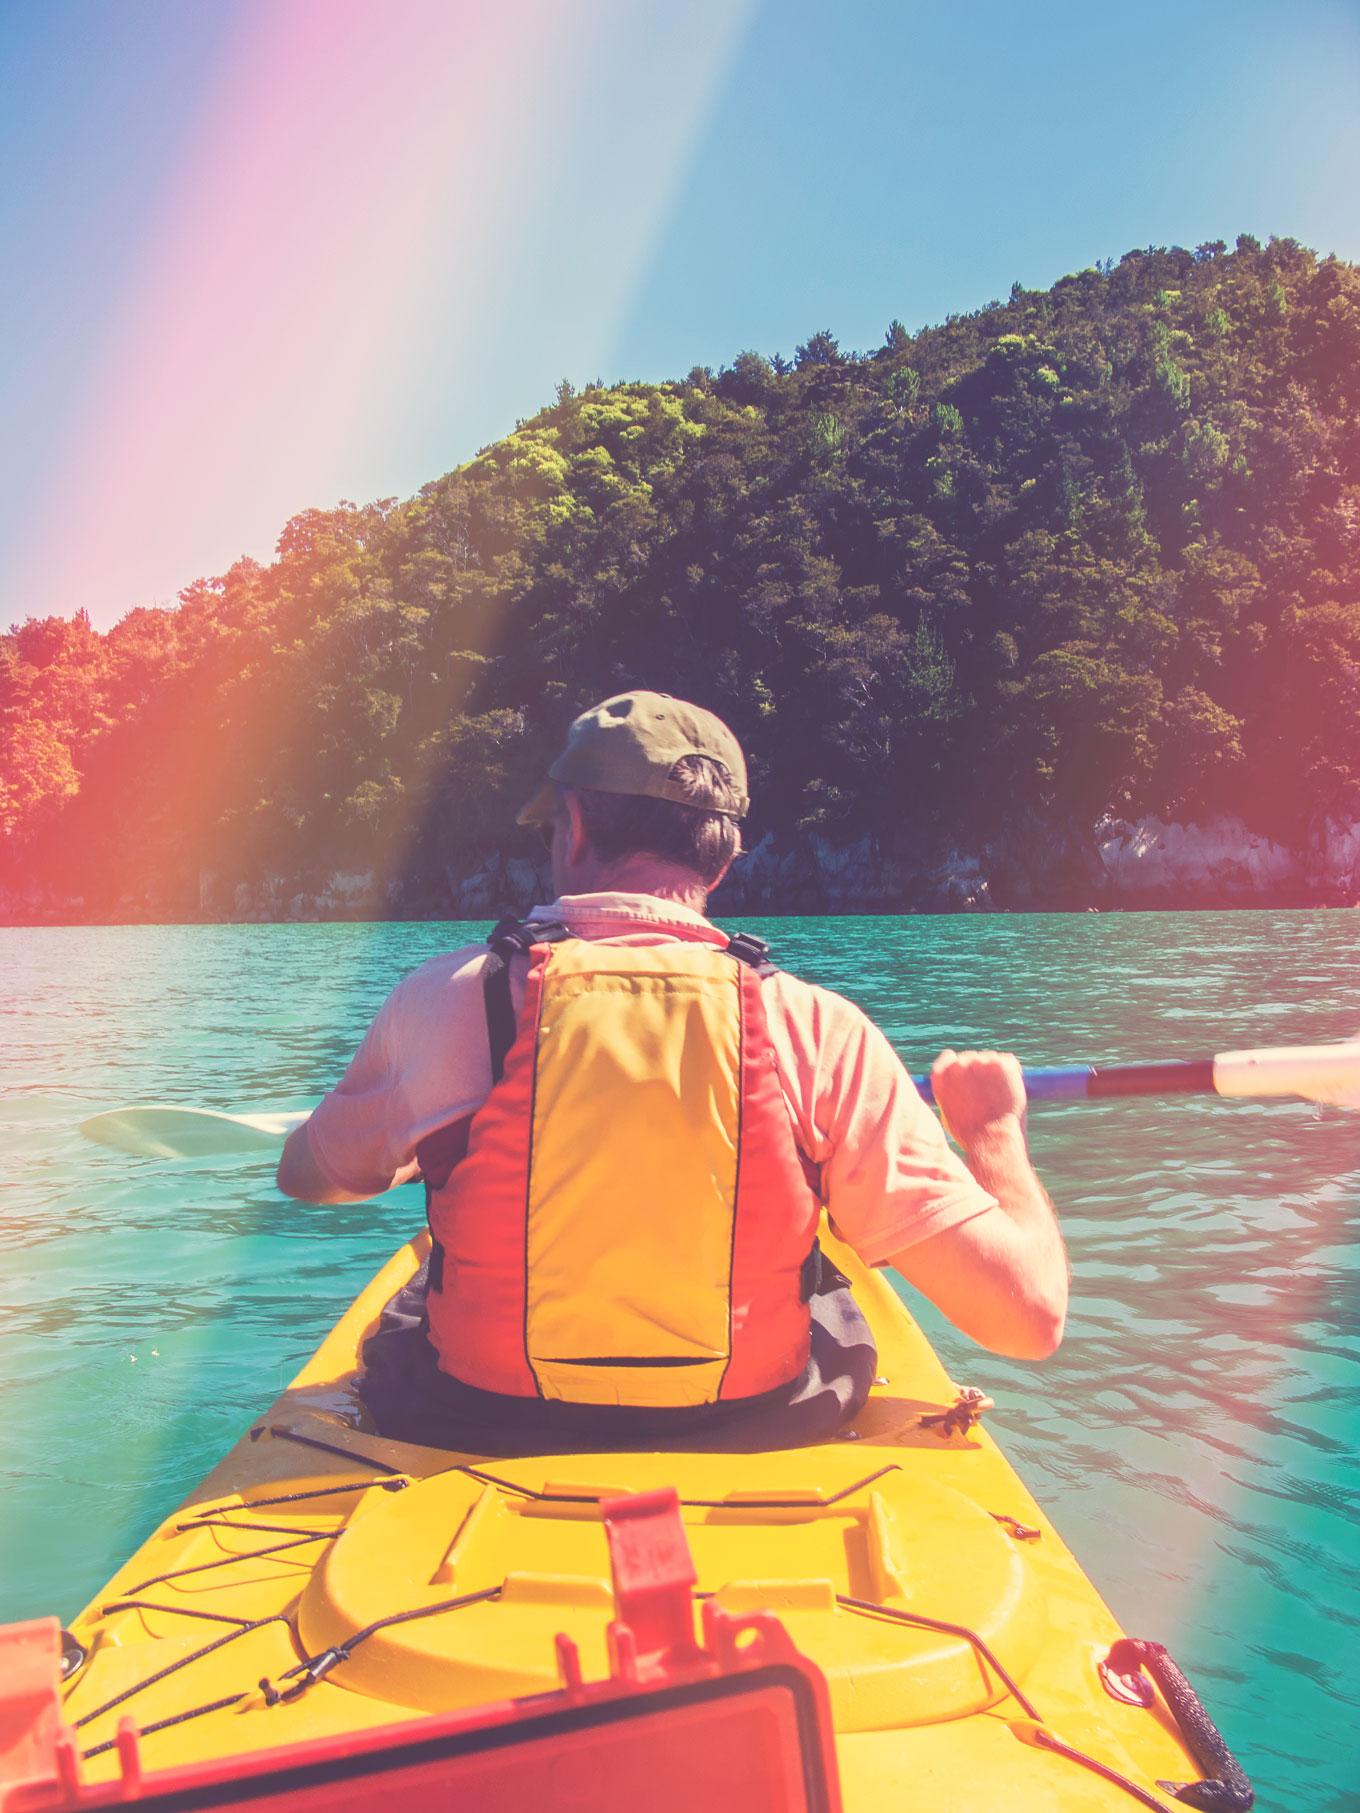 man_kayak.jpg